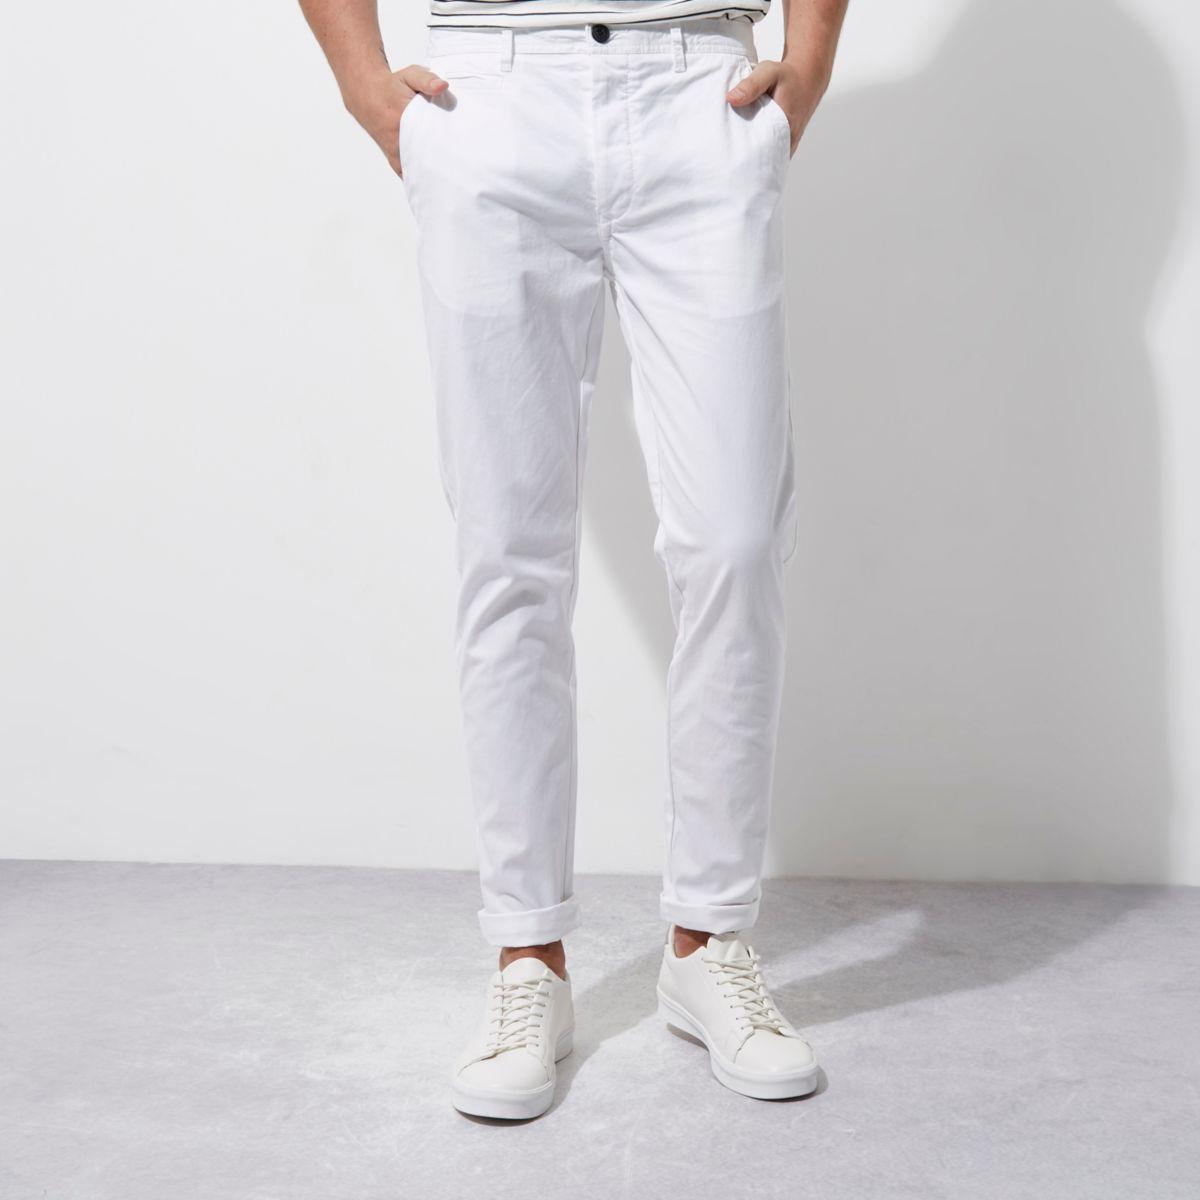 White skinny chino trousers